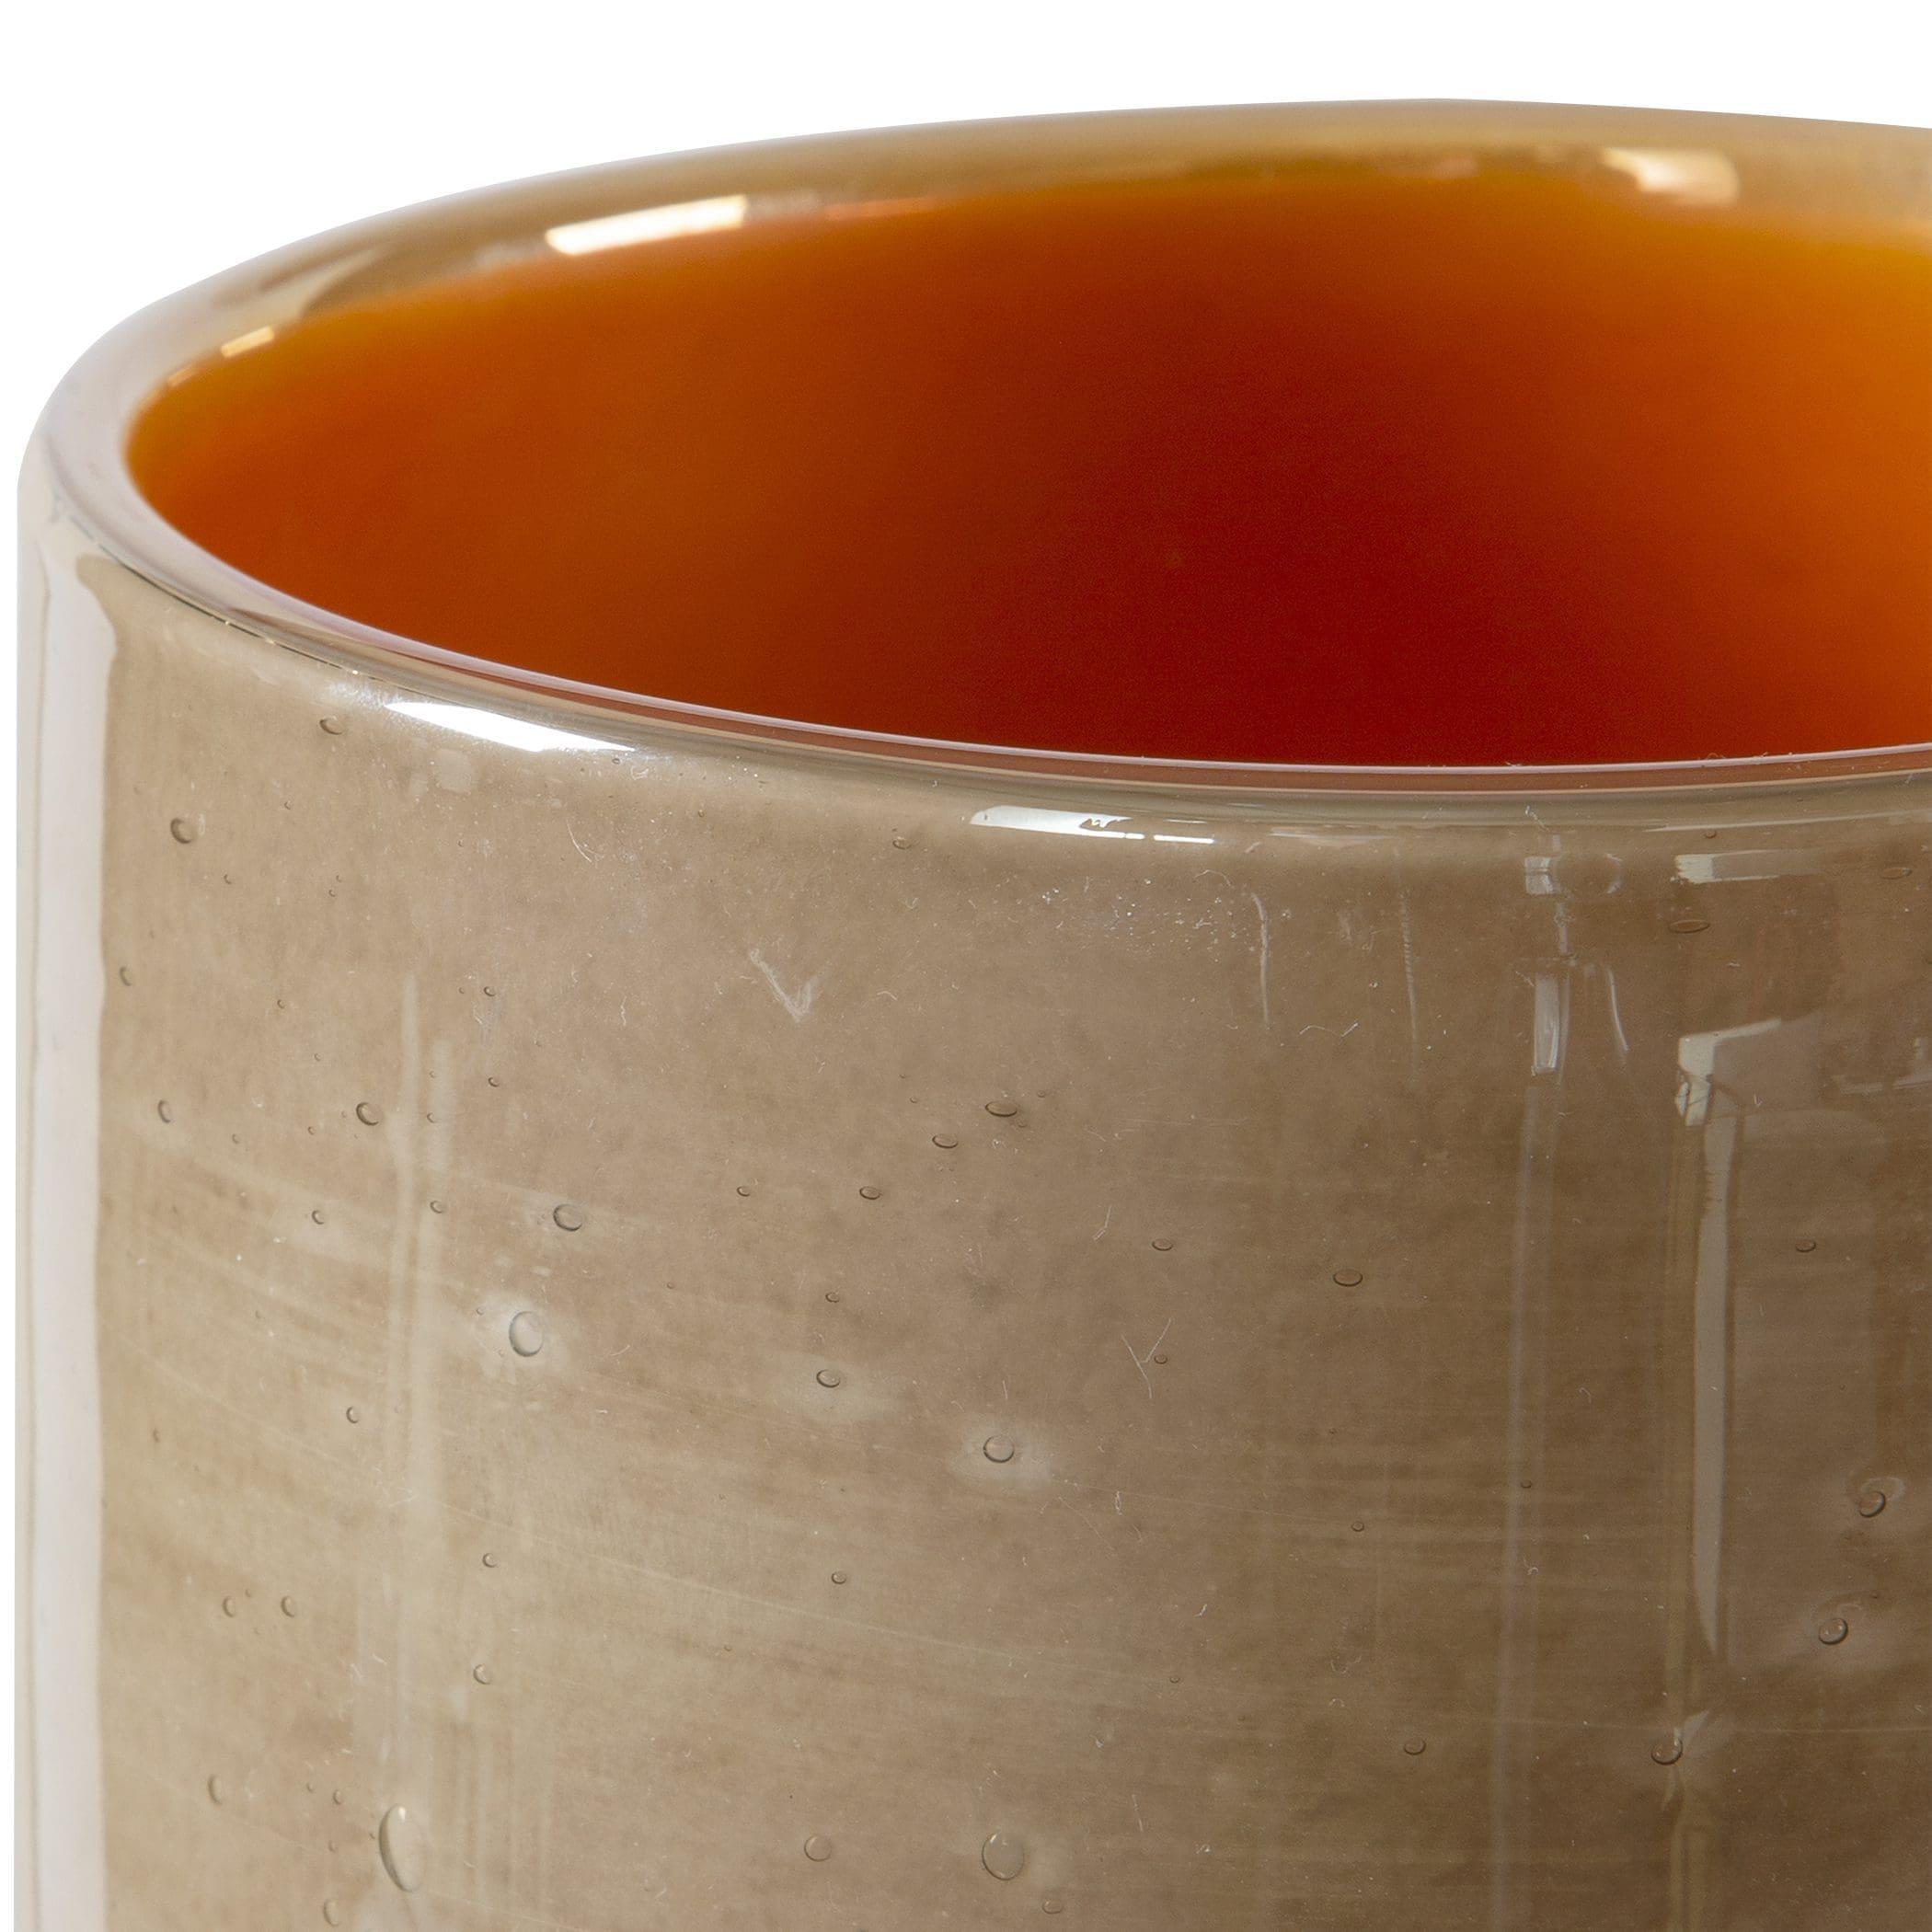 Uttermost Tangelo Beige Orange Vases, S/2